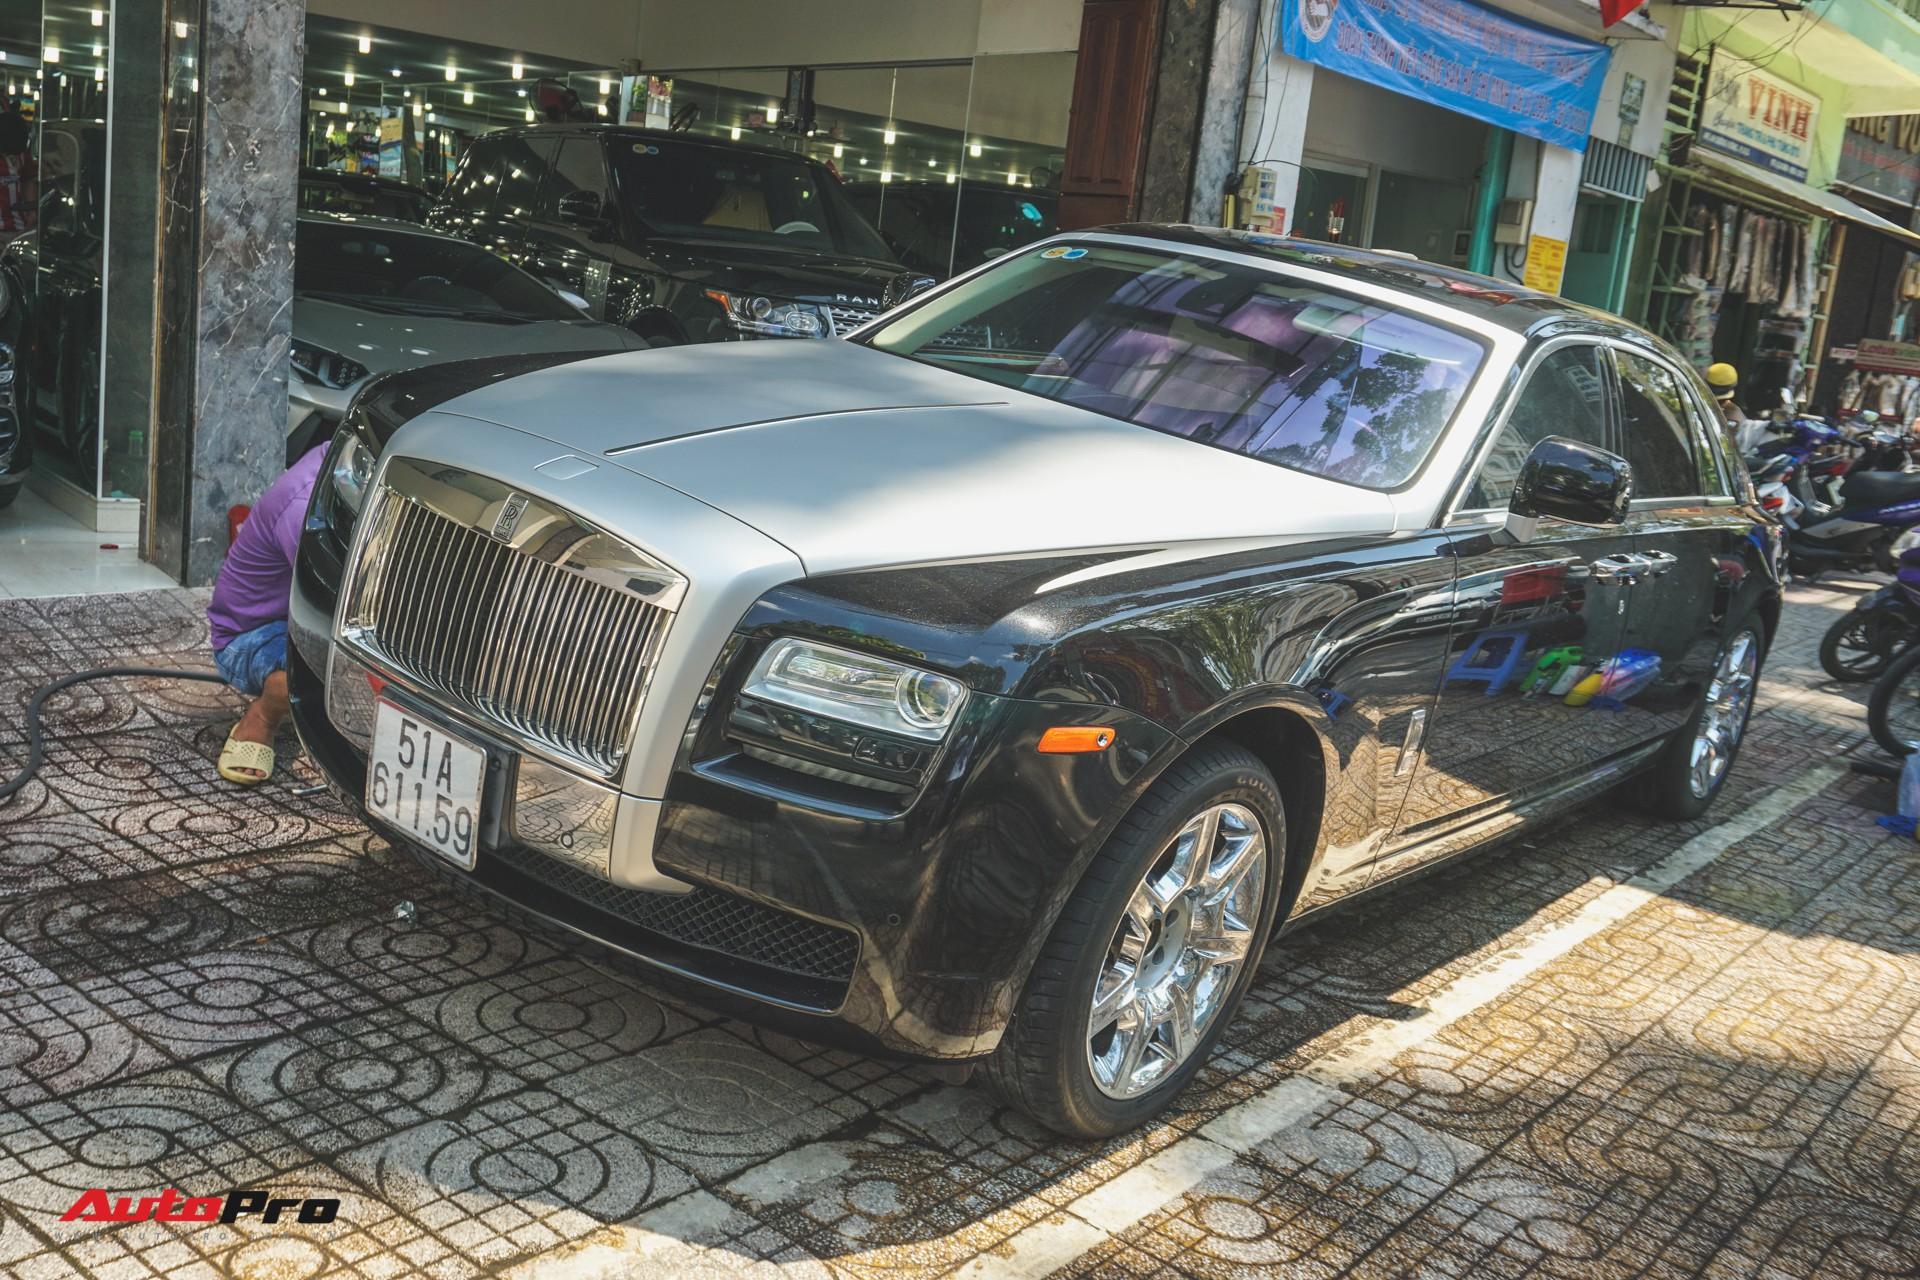 Ông chủ cafe Trung Nguyên mang 2 chiếc Rolls-Royce đến showroom để bán và làm đẹp - Ảnh 3.